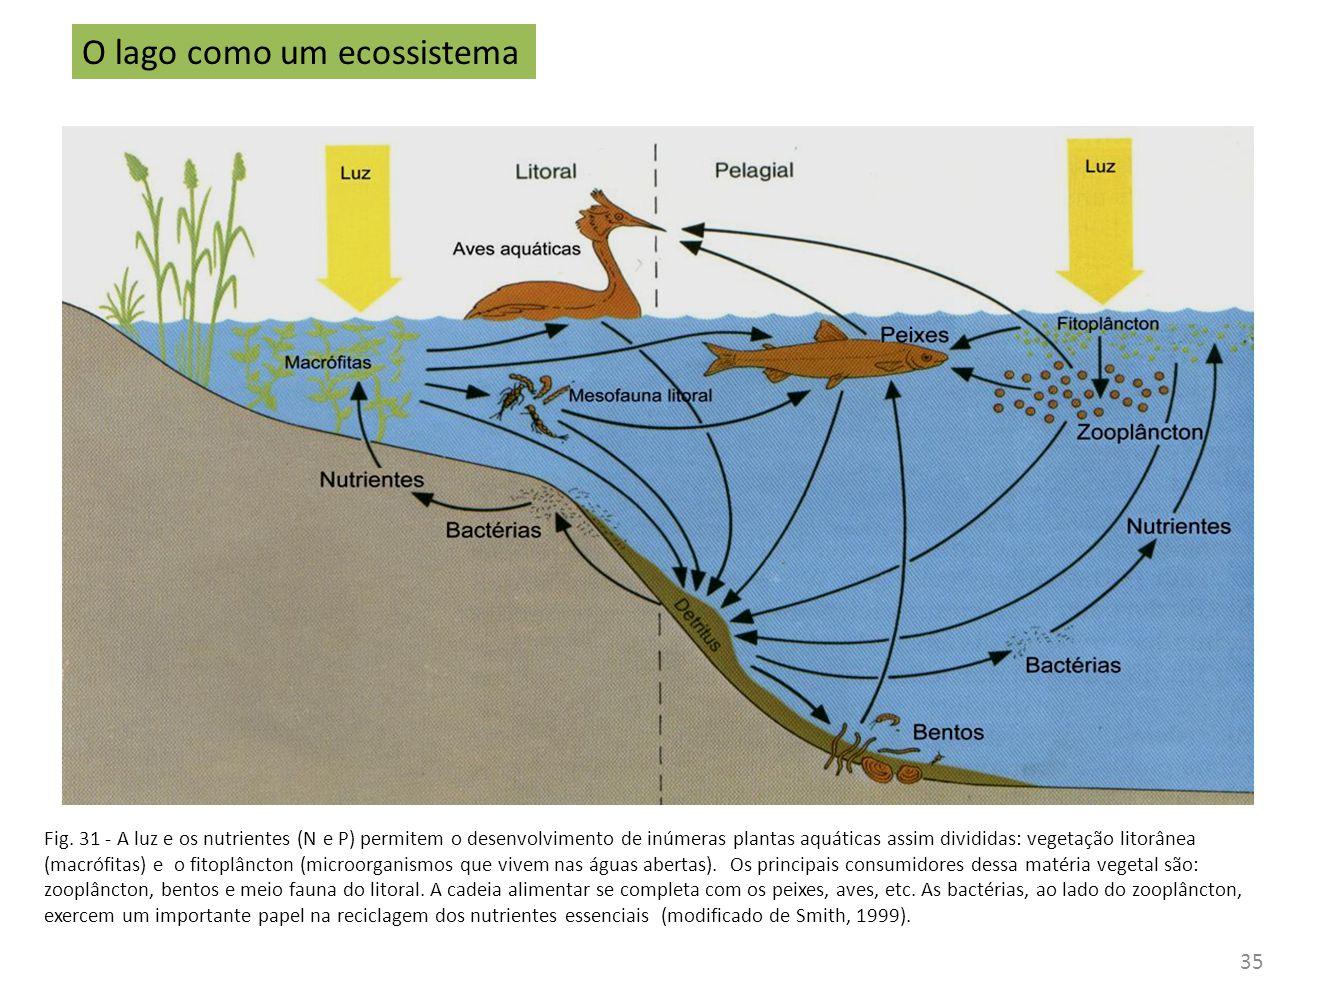 Fig. 31 - A luz e os nutrientes (N e P) permitem o desenvolvimento de inúmeras plantas aquáticas assim divididas: vegetação litorânea (macrófitas) e o